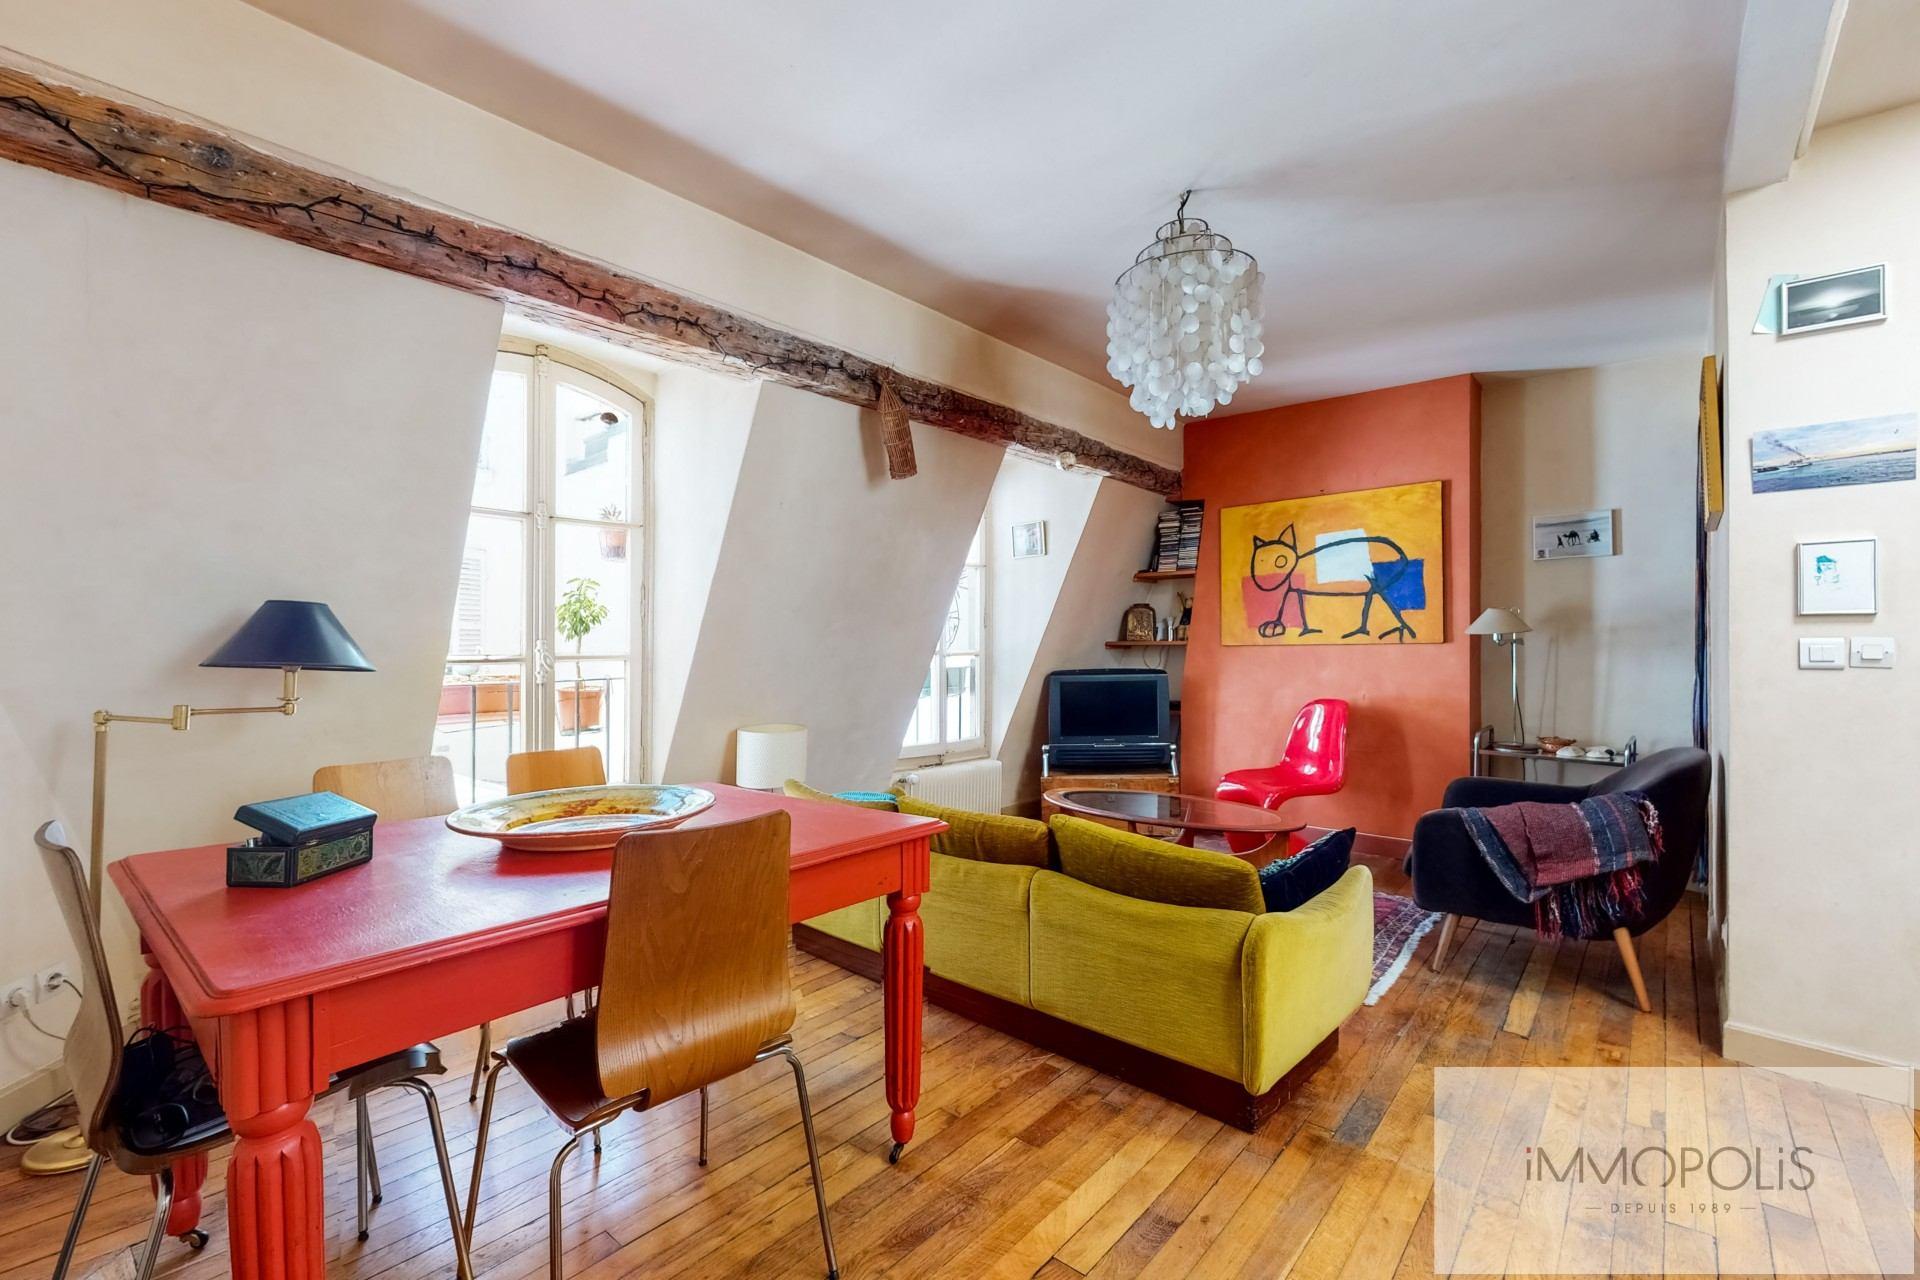 Appartement atypique à rénover, plein de charme, Rue Richard Lenoir – Paris XIème. 2